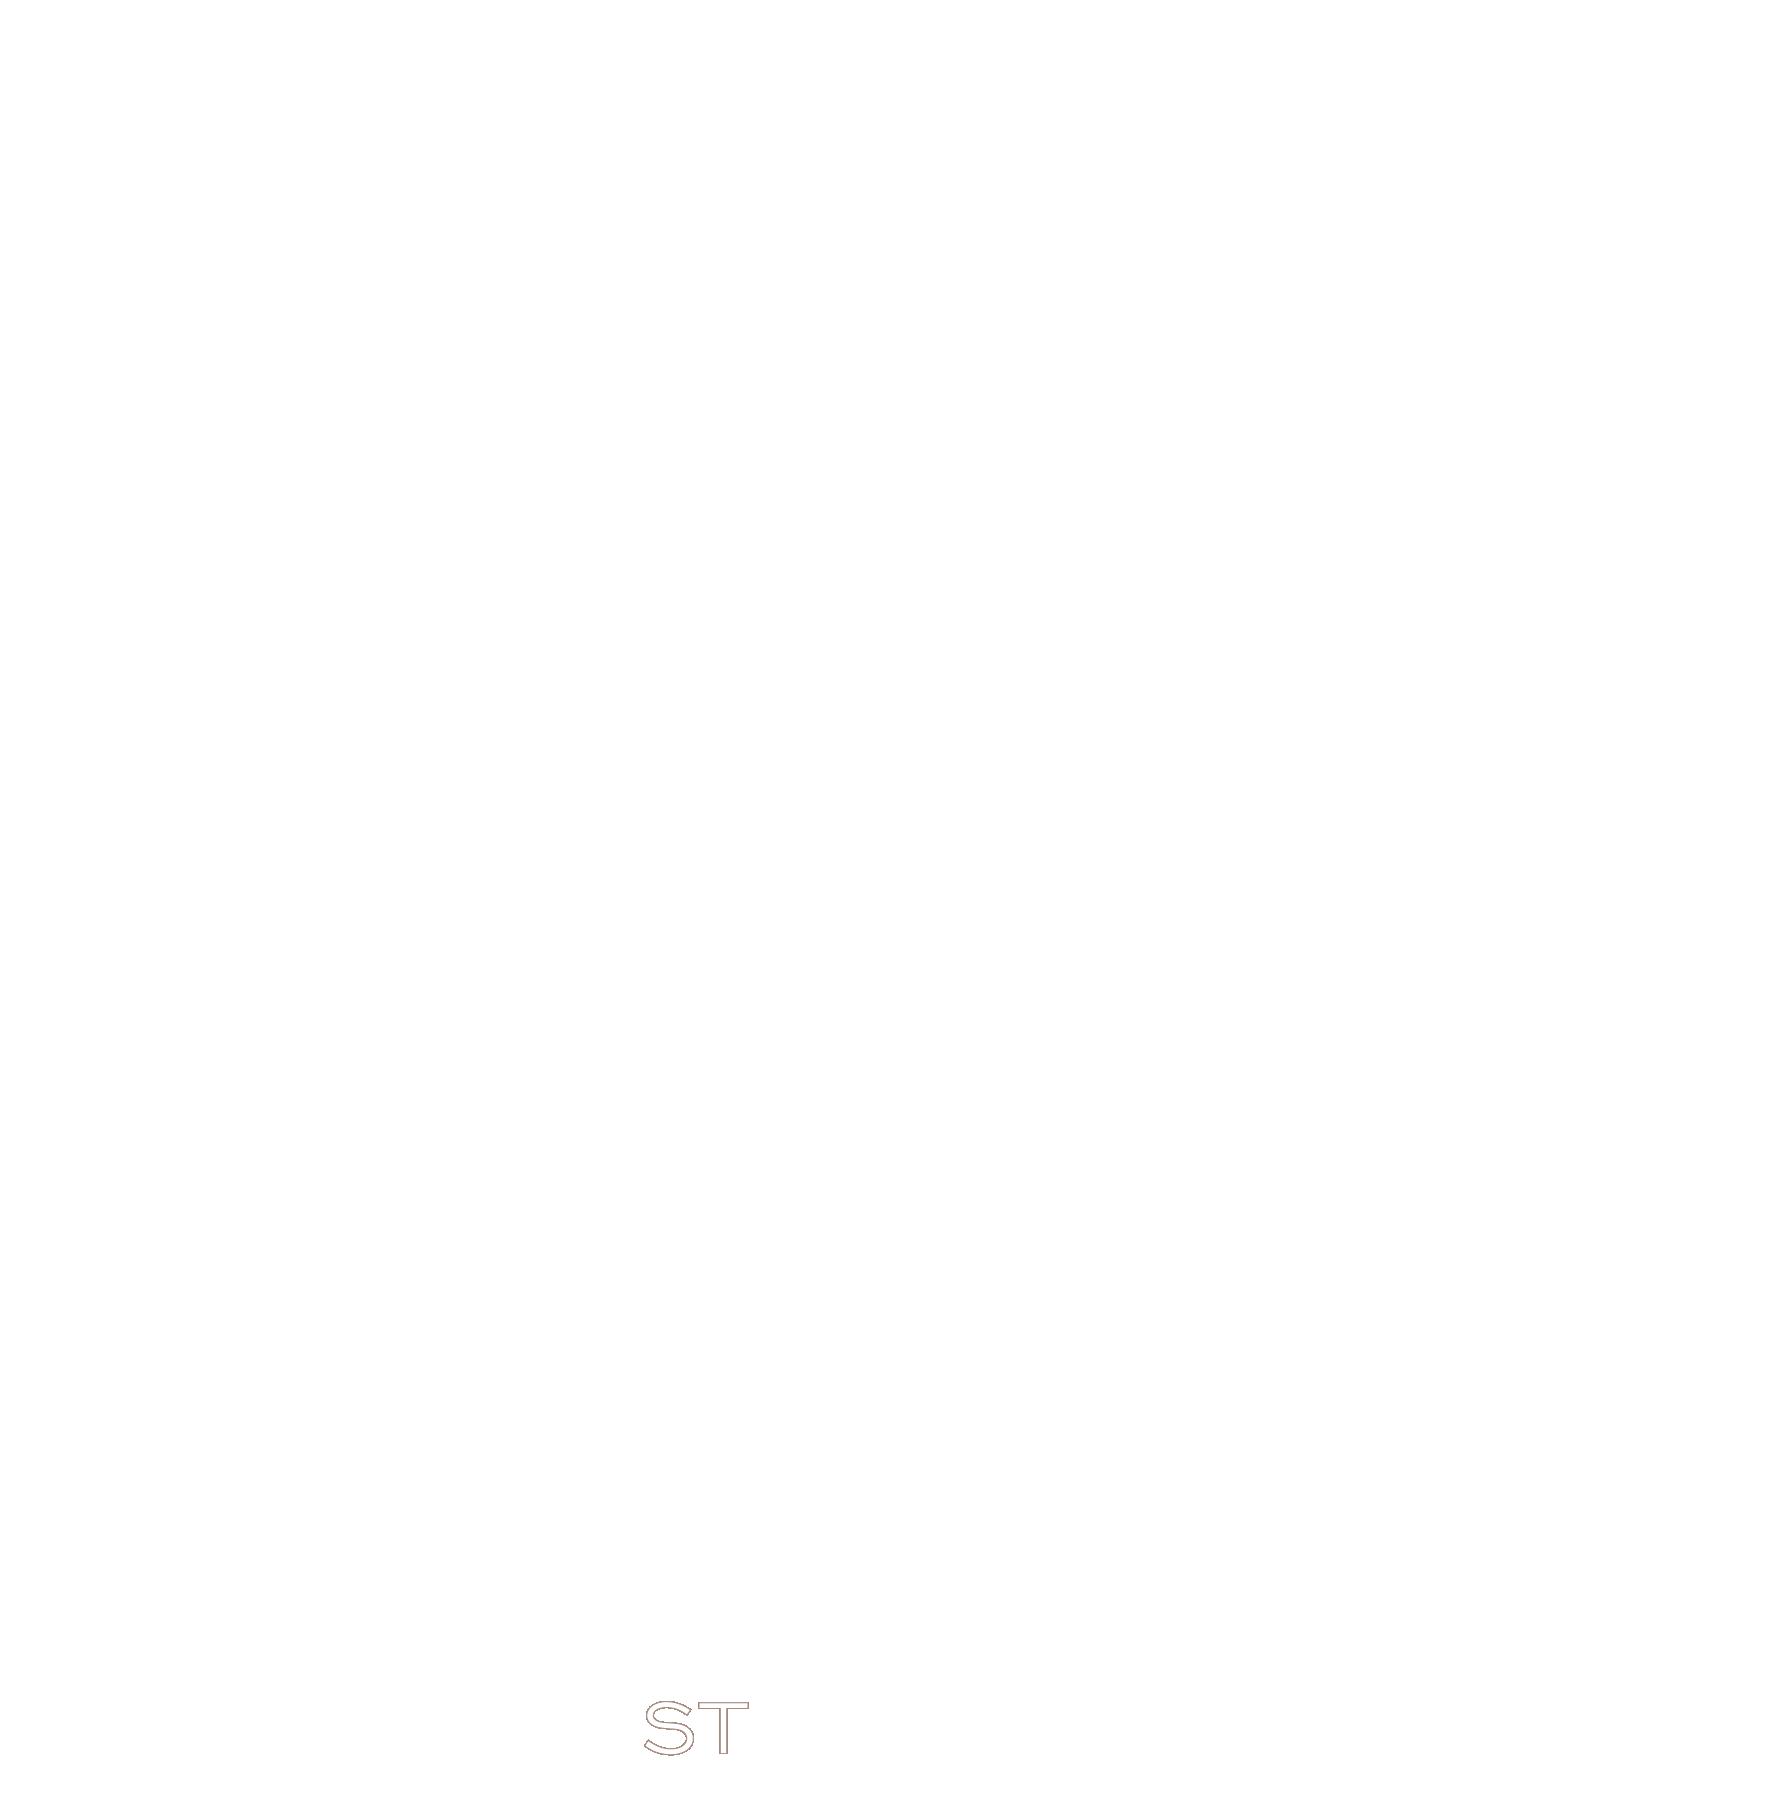 YCYW logo